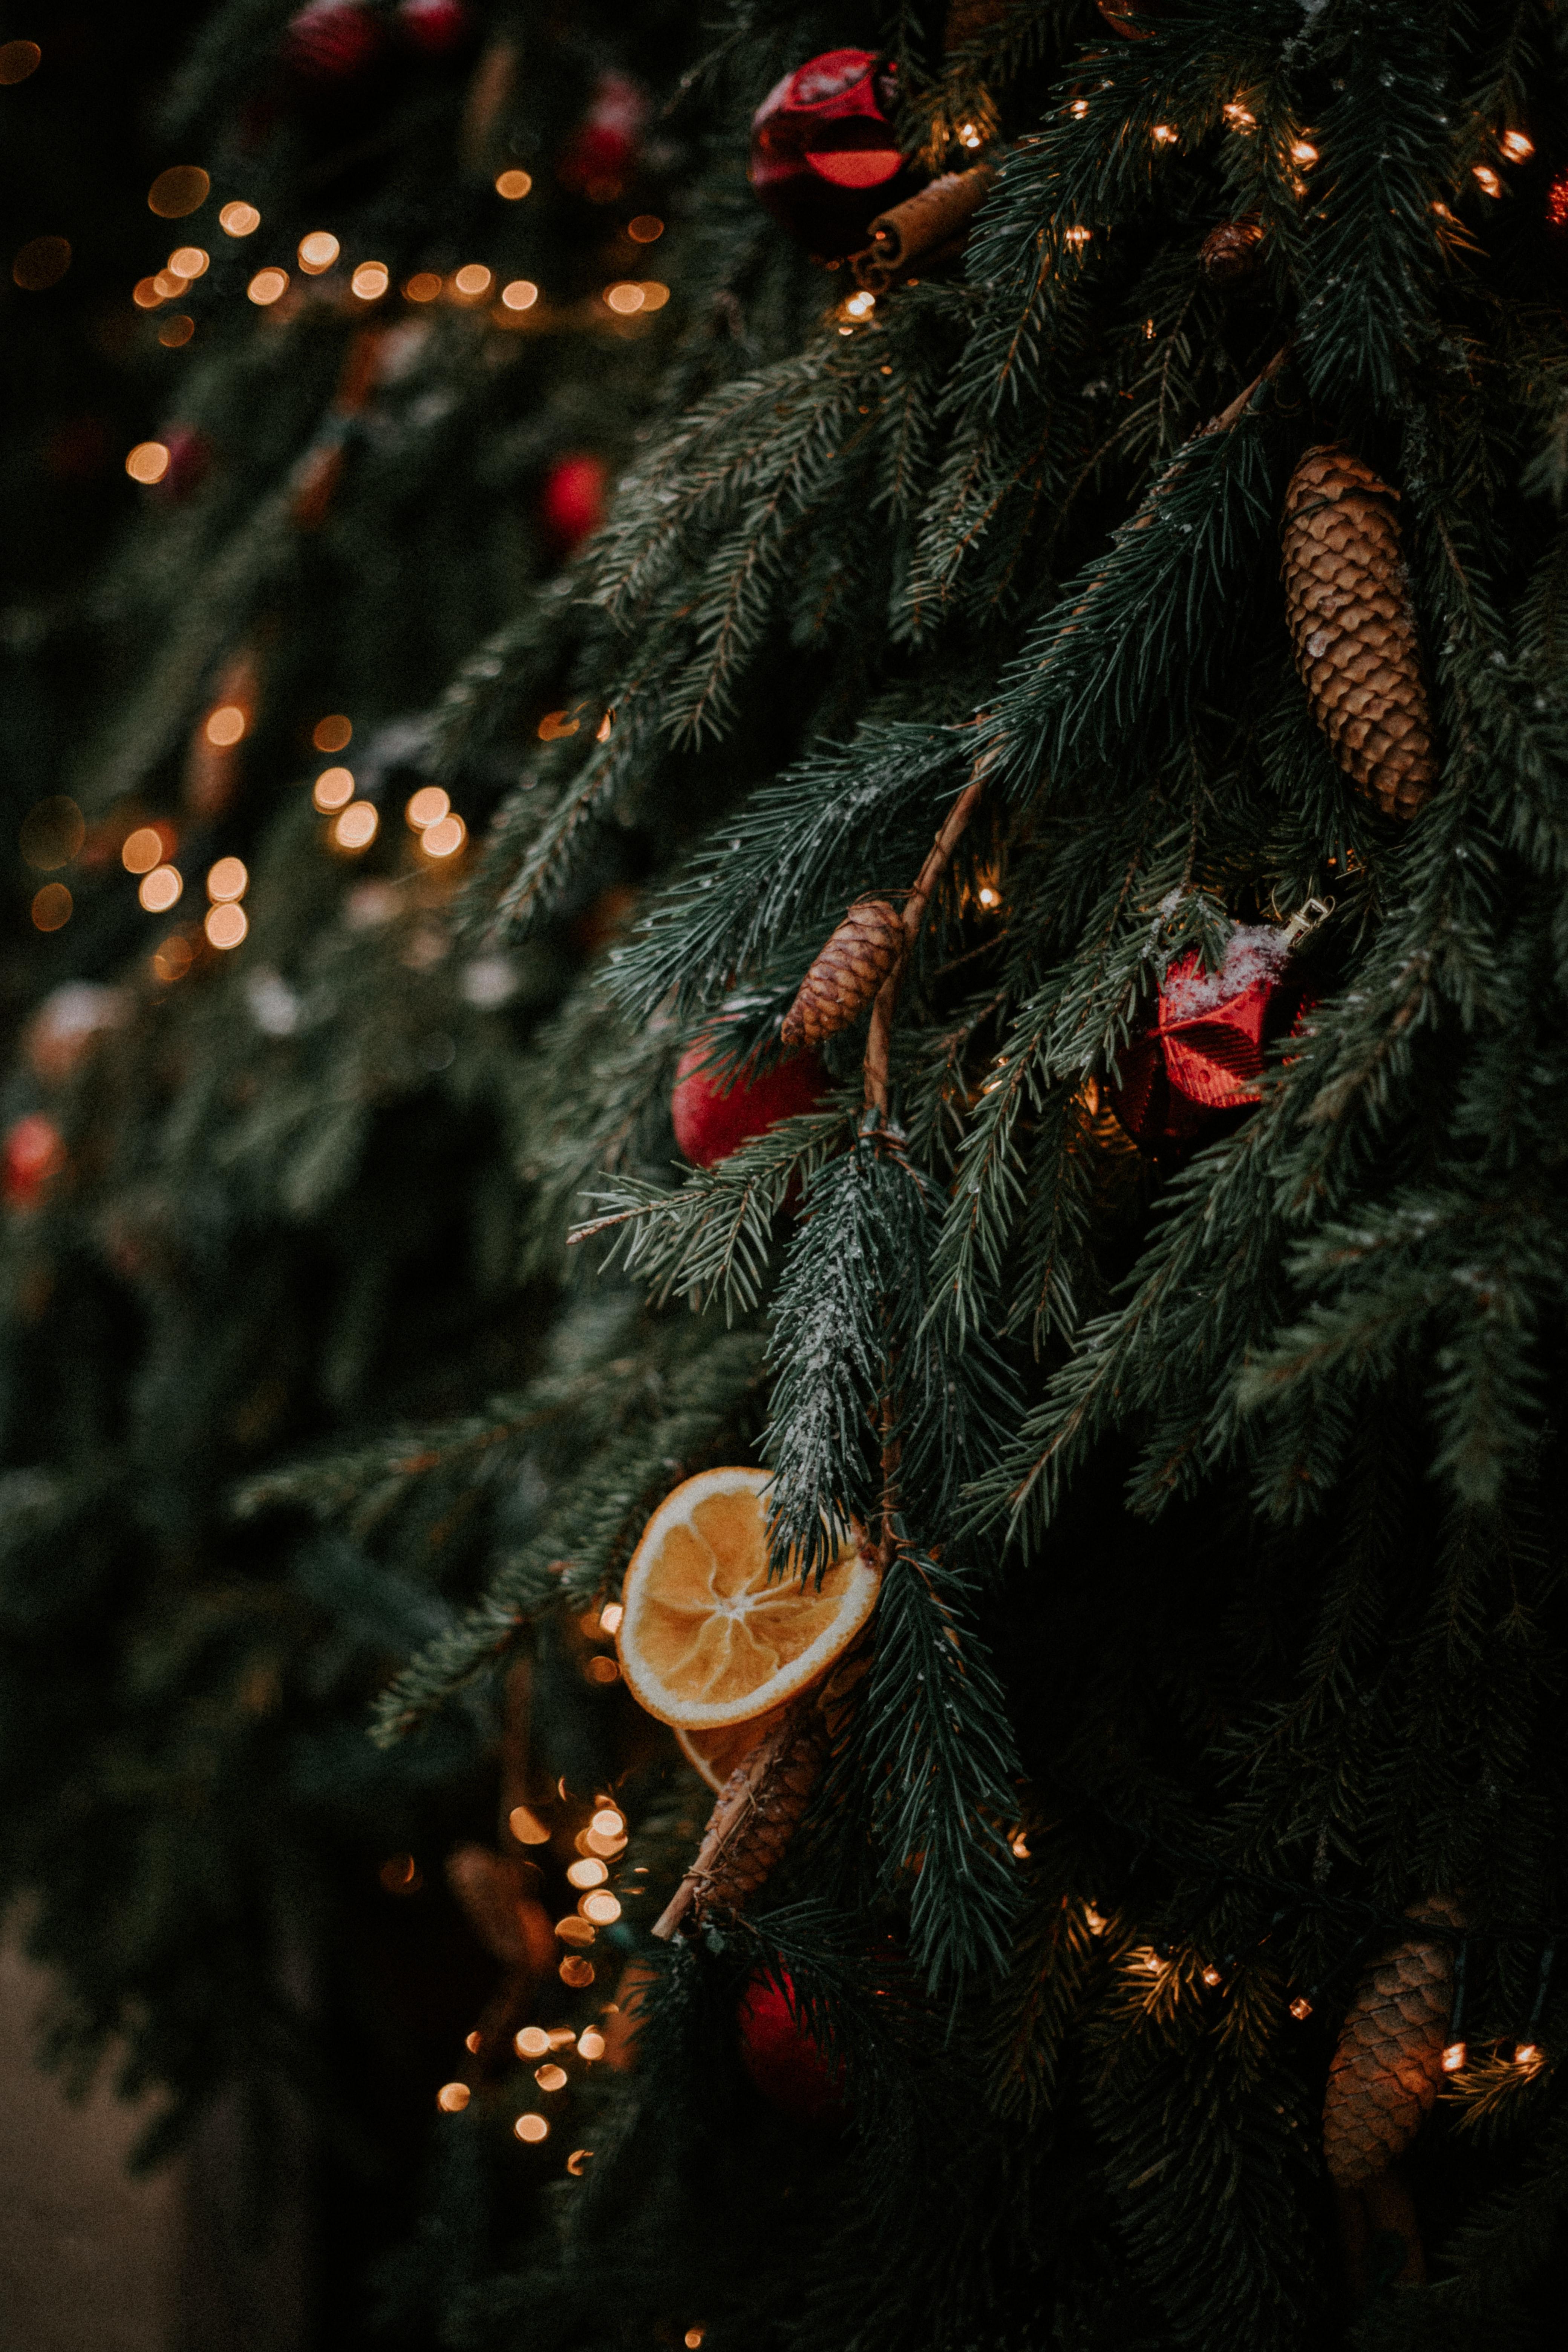 89845 скачать обои Праздники, Елка, Шишки, Апельсин, Украшения, Гирлянды, Новый Год, Рождество - заставки и картинки бесплатно